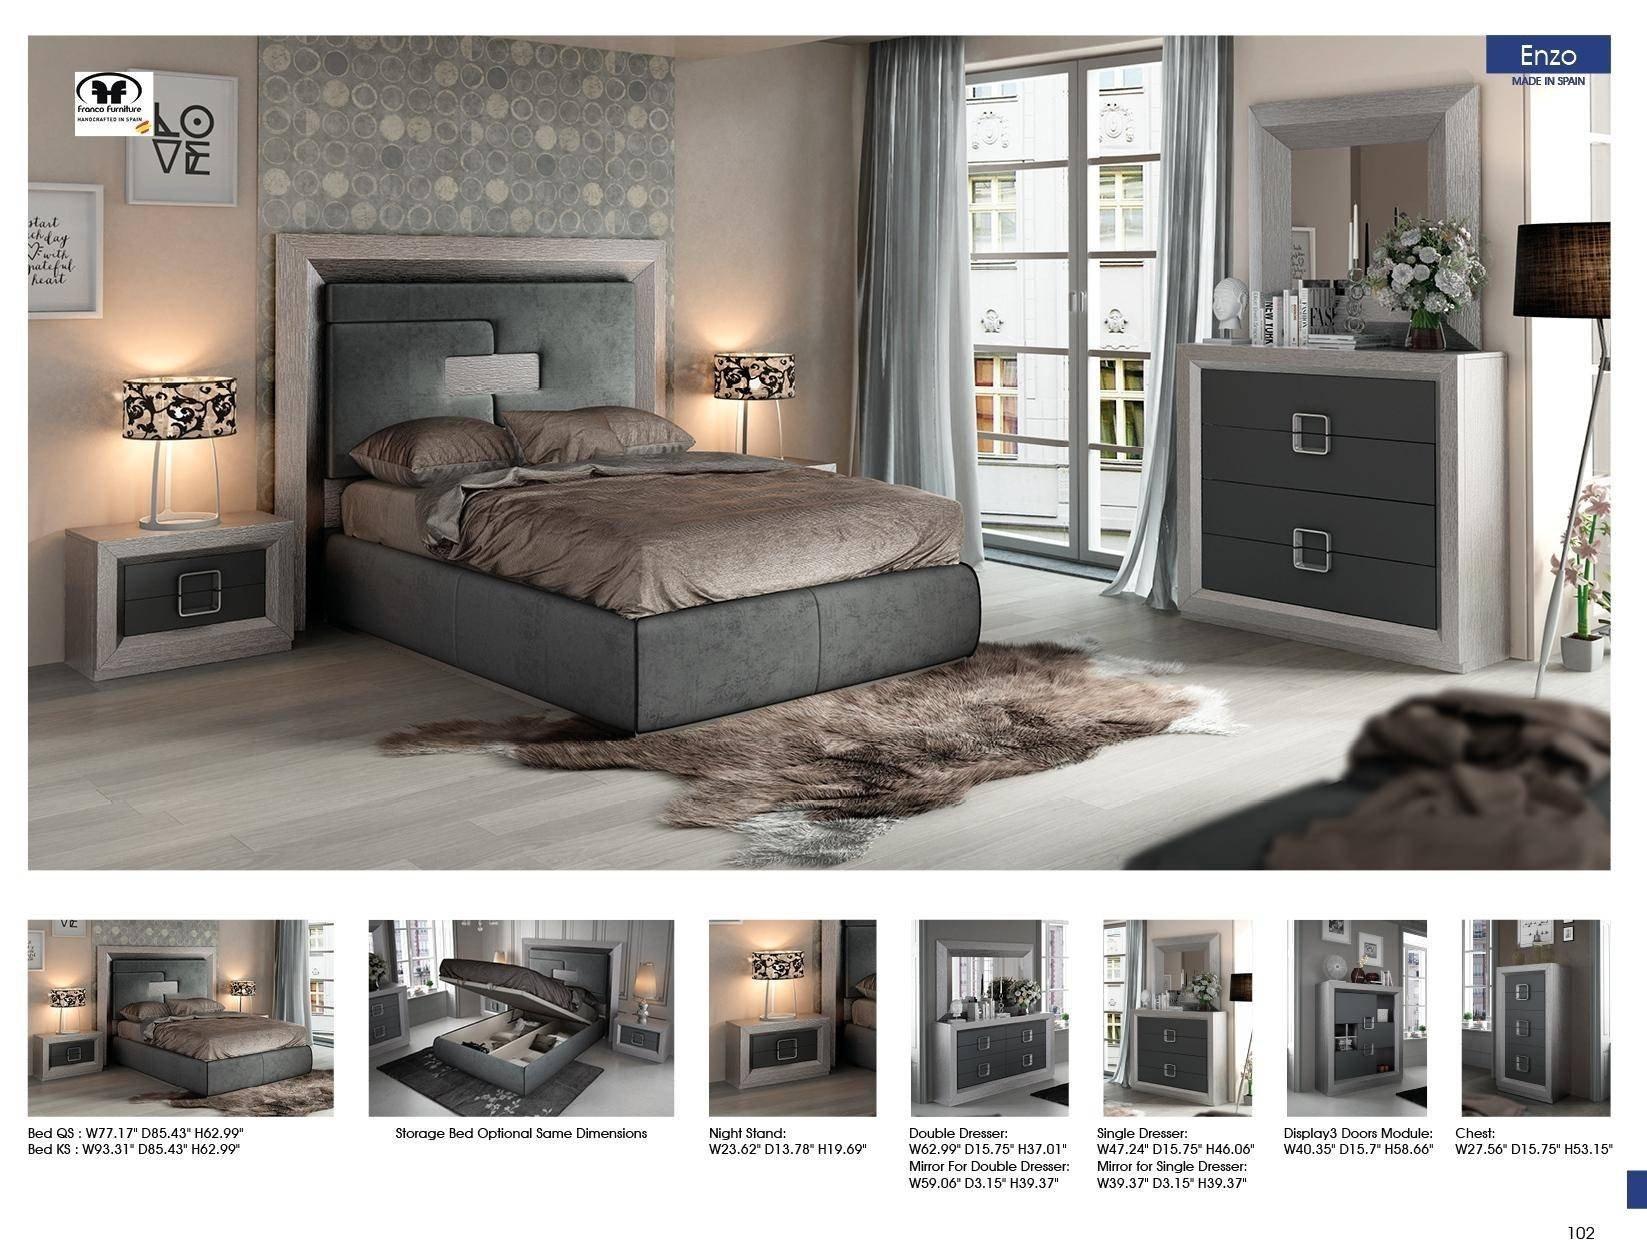 7 Piece Bedroom Set Luxury Esf Enzo King Platform Bedroom Set 5 Pcs In Gray Fabric